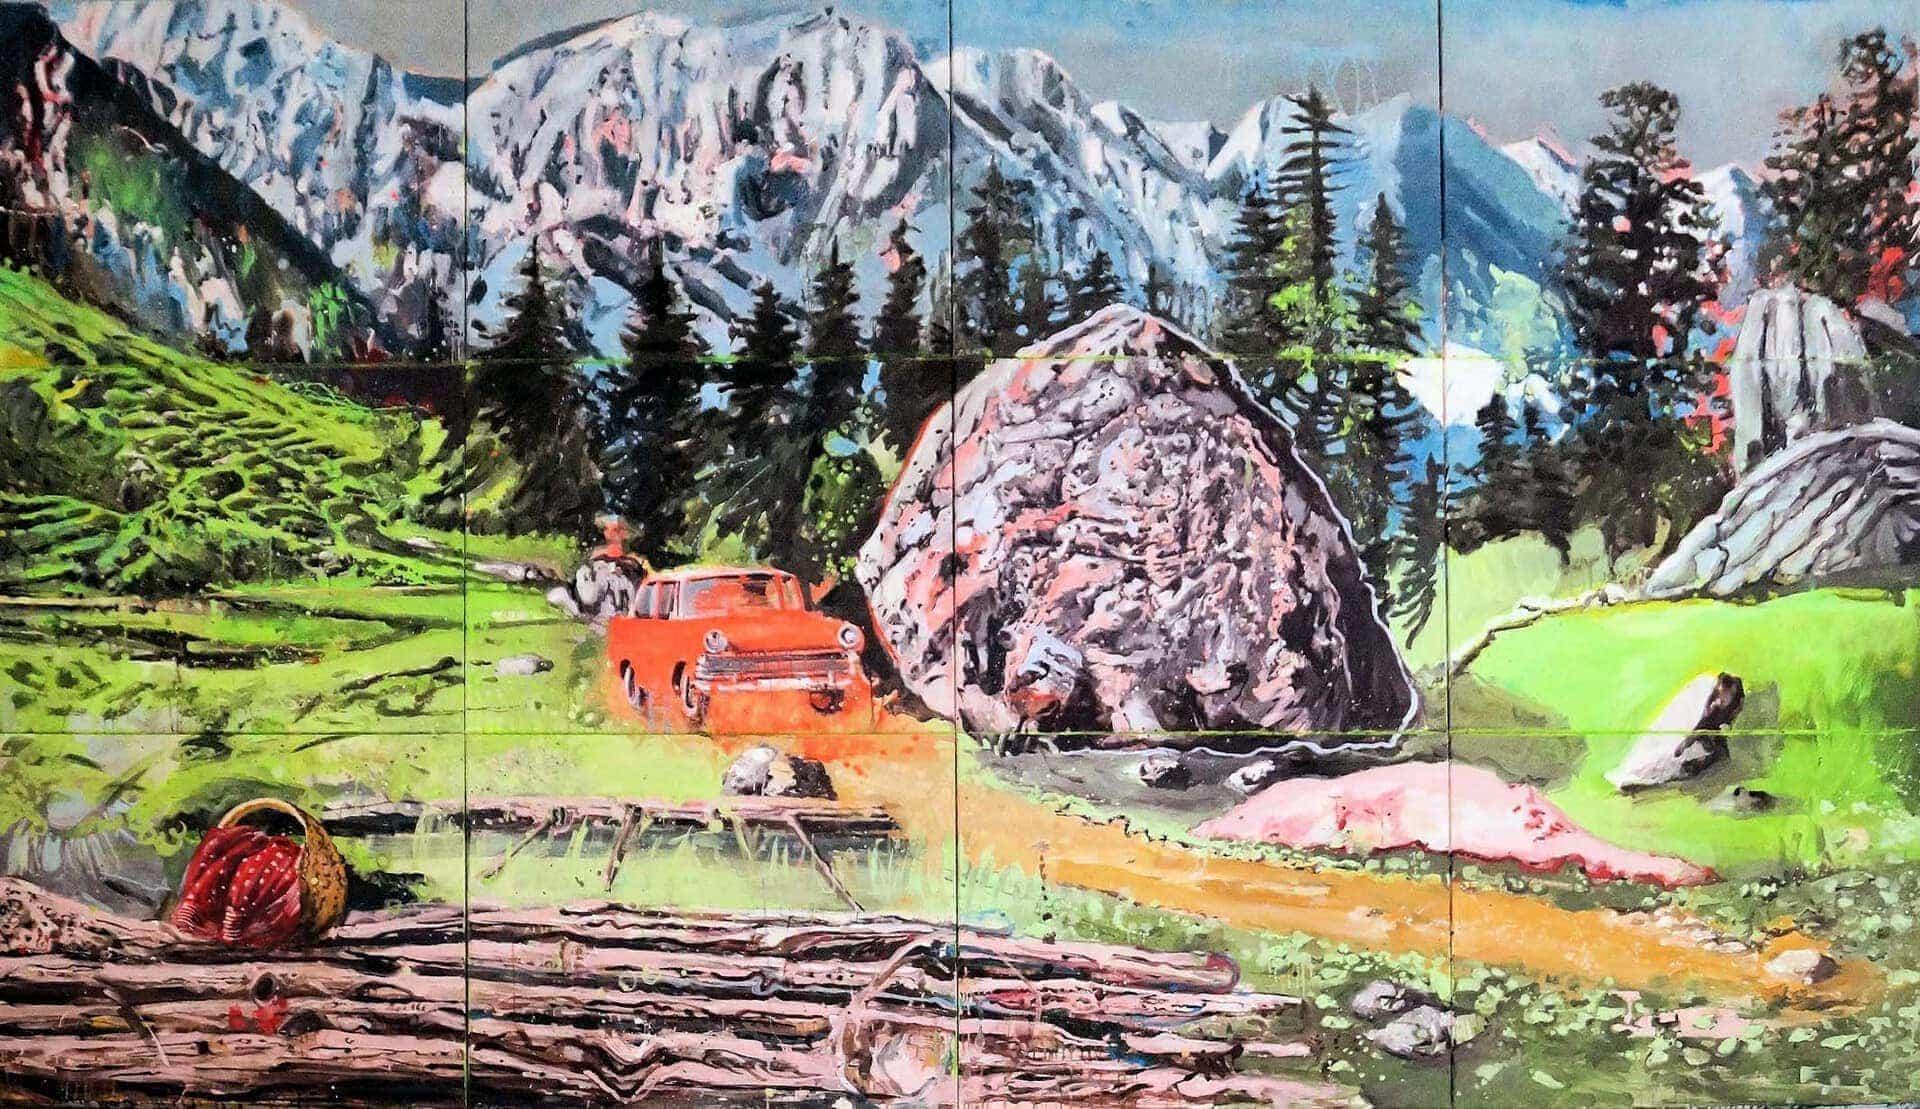 Am 21. September zeigen 14 Regensburger Galerien die Werke zeitgenössischer Künstler